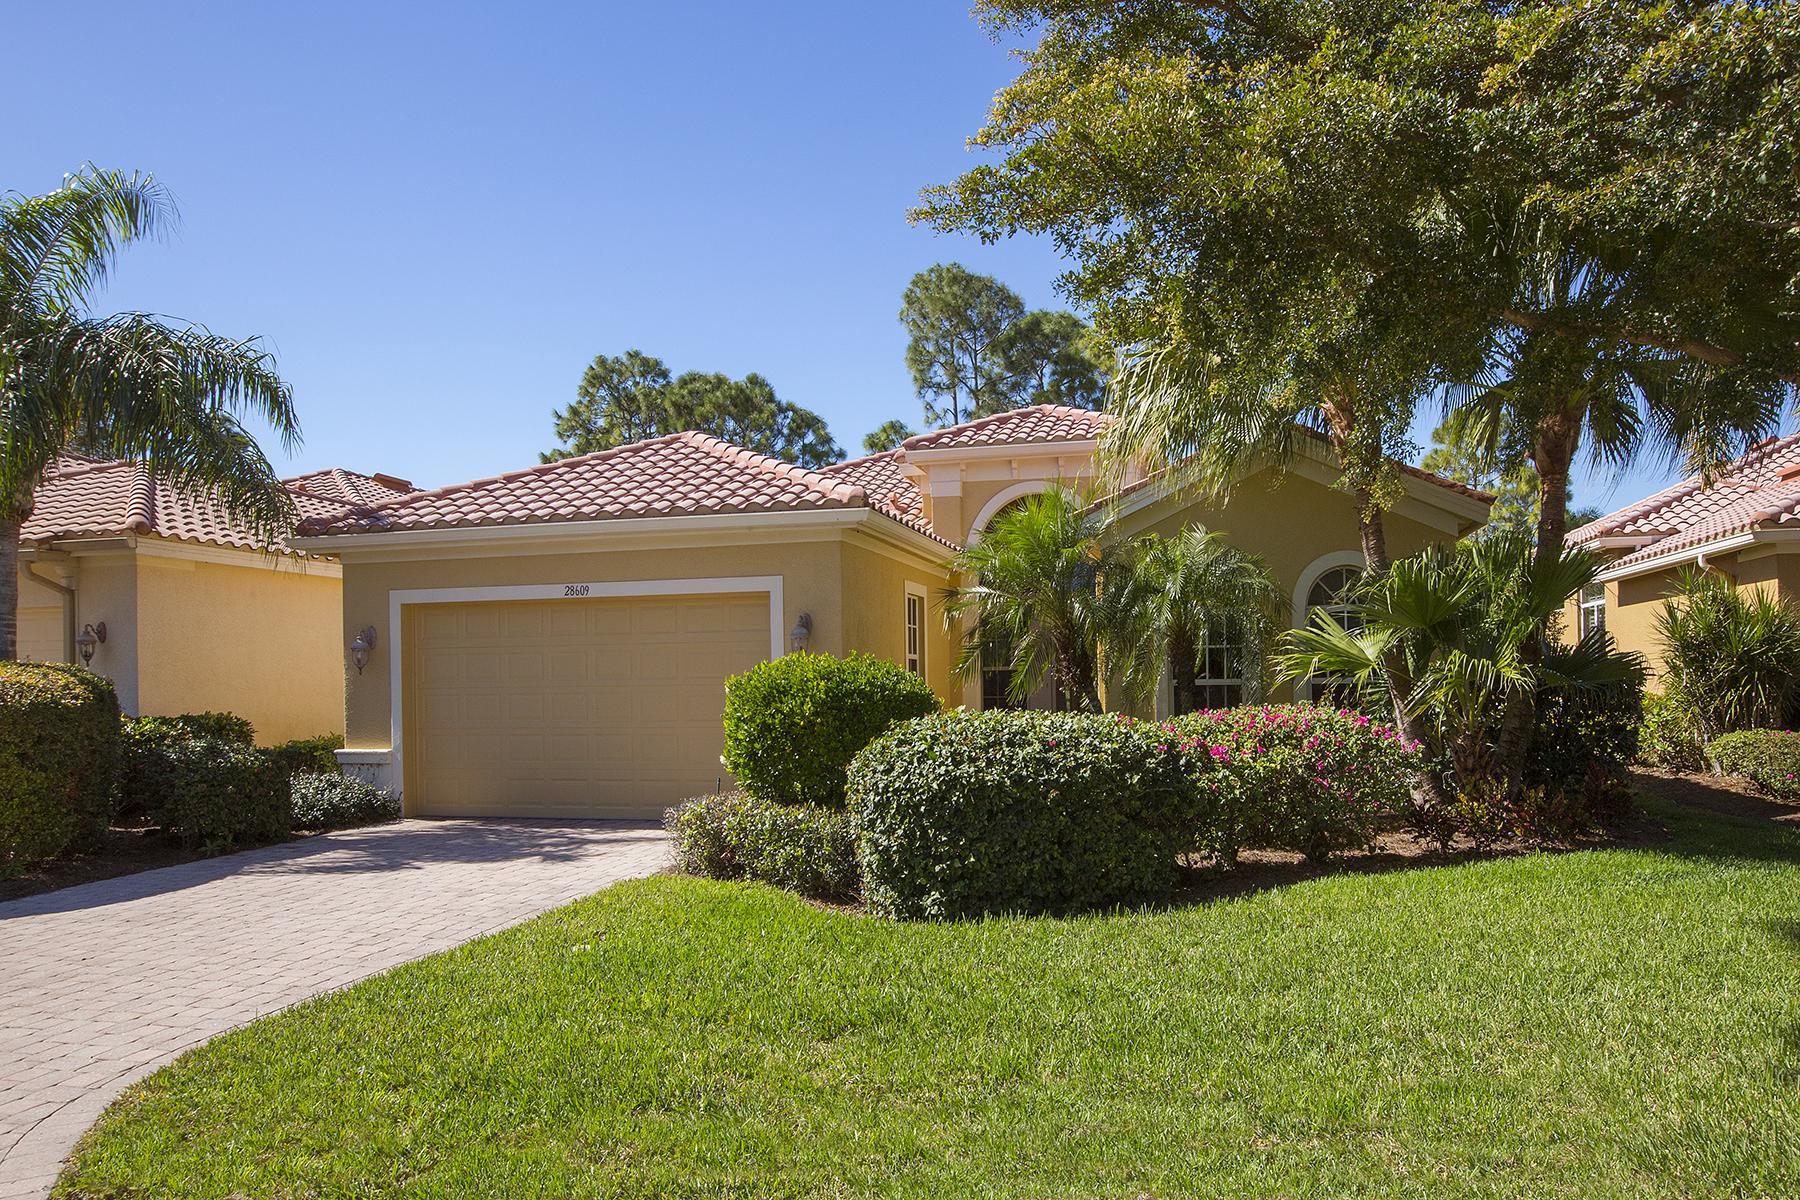 独户住宅 为 销售 在 VASARI - PIENZA 28609 Pienza Ct 博尼塔温泉, 佛罗里达州, 34135 美国